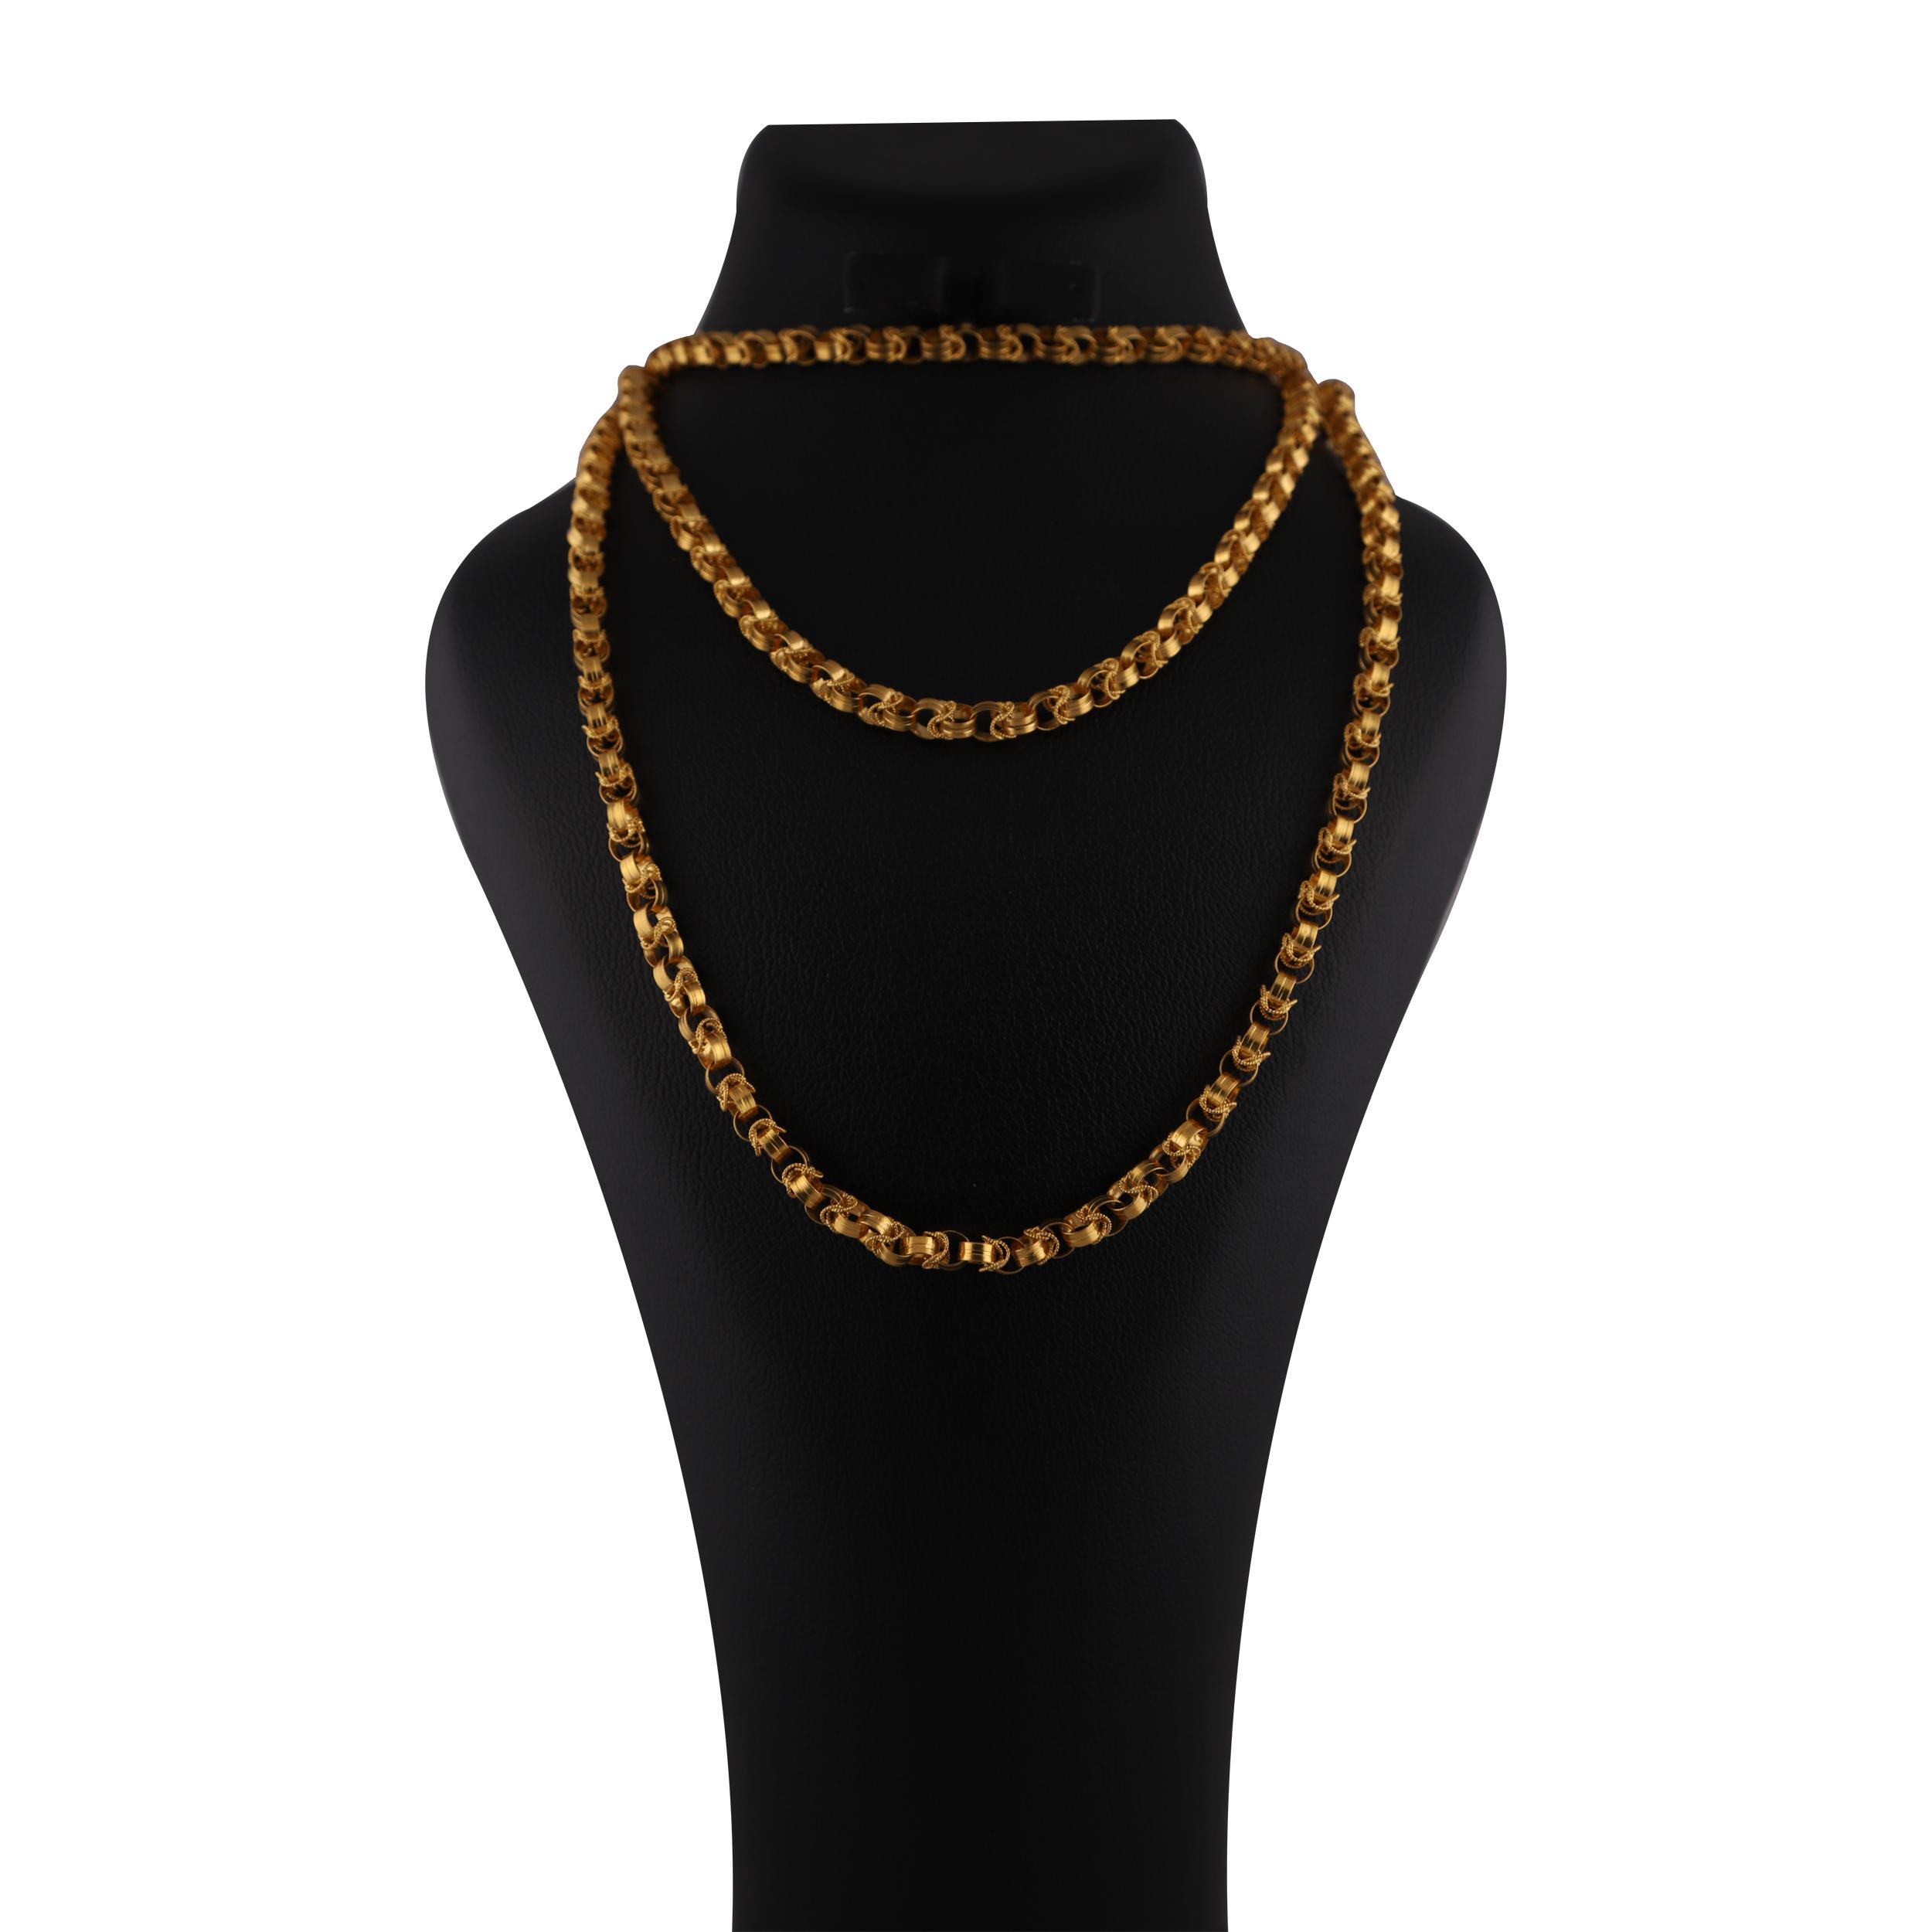 قیمت زنجیر طلا 18 عیار گوی گالری مدل G306